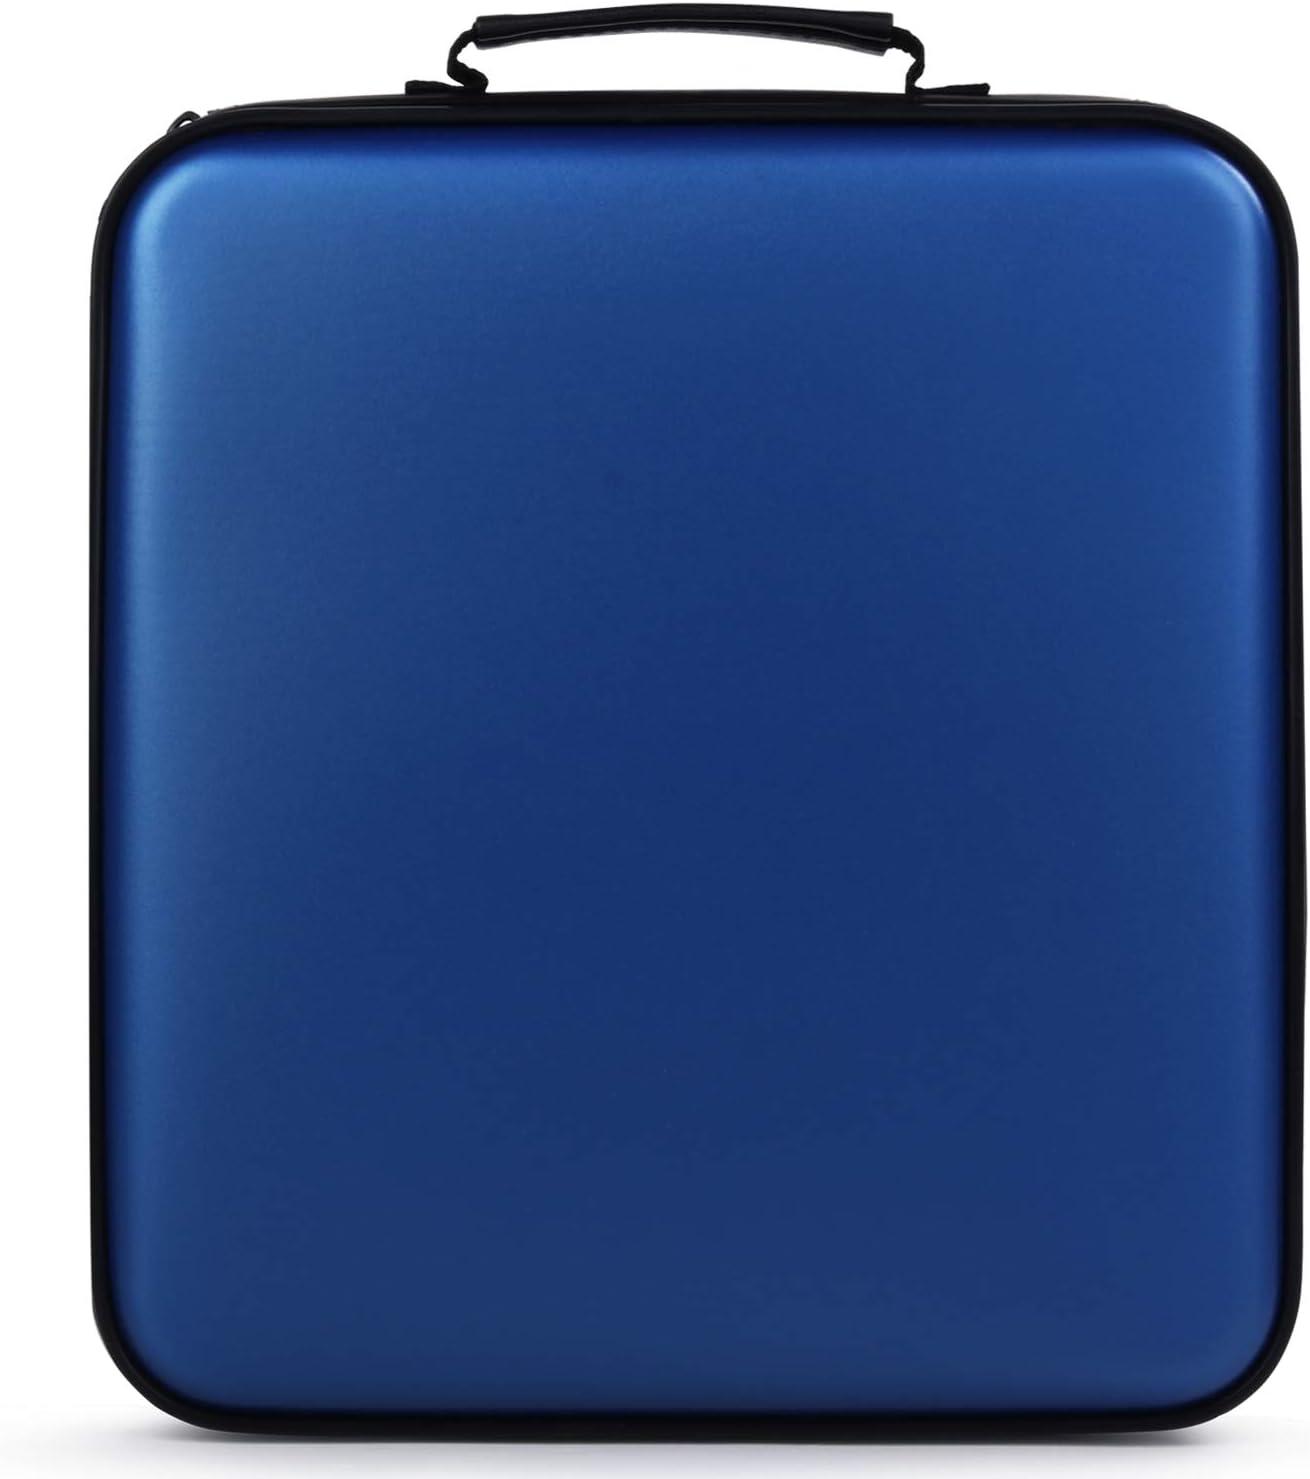 Fanspack Porta CD Estuche CD DVD de 160 Disco DVD Bolsas Almacenamiento Disco Duro portátil (Azul): Amazon.es: Electrónica